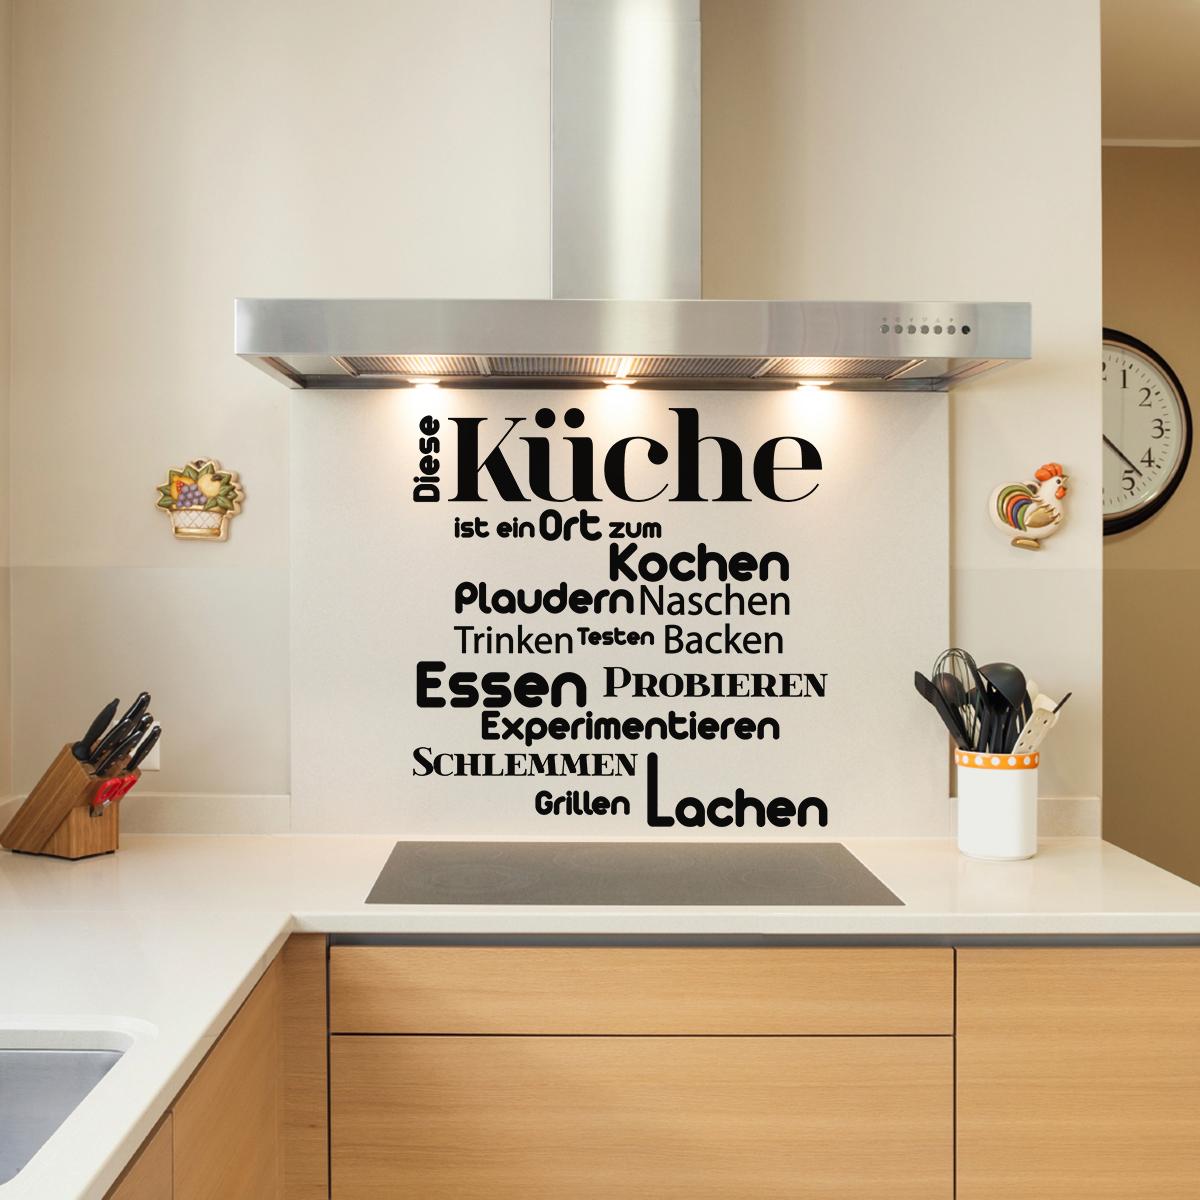 Sticker citation cuisine diese k che est ein ort zum - Stickers cuisine citation ...